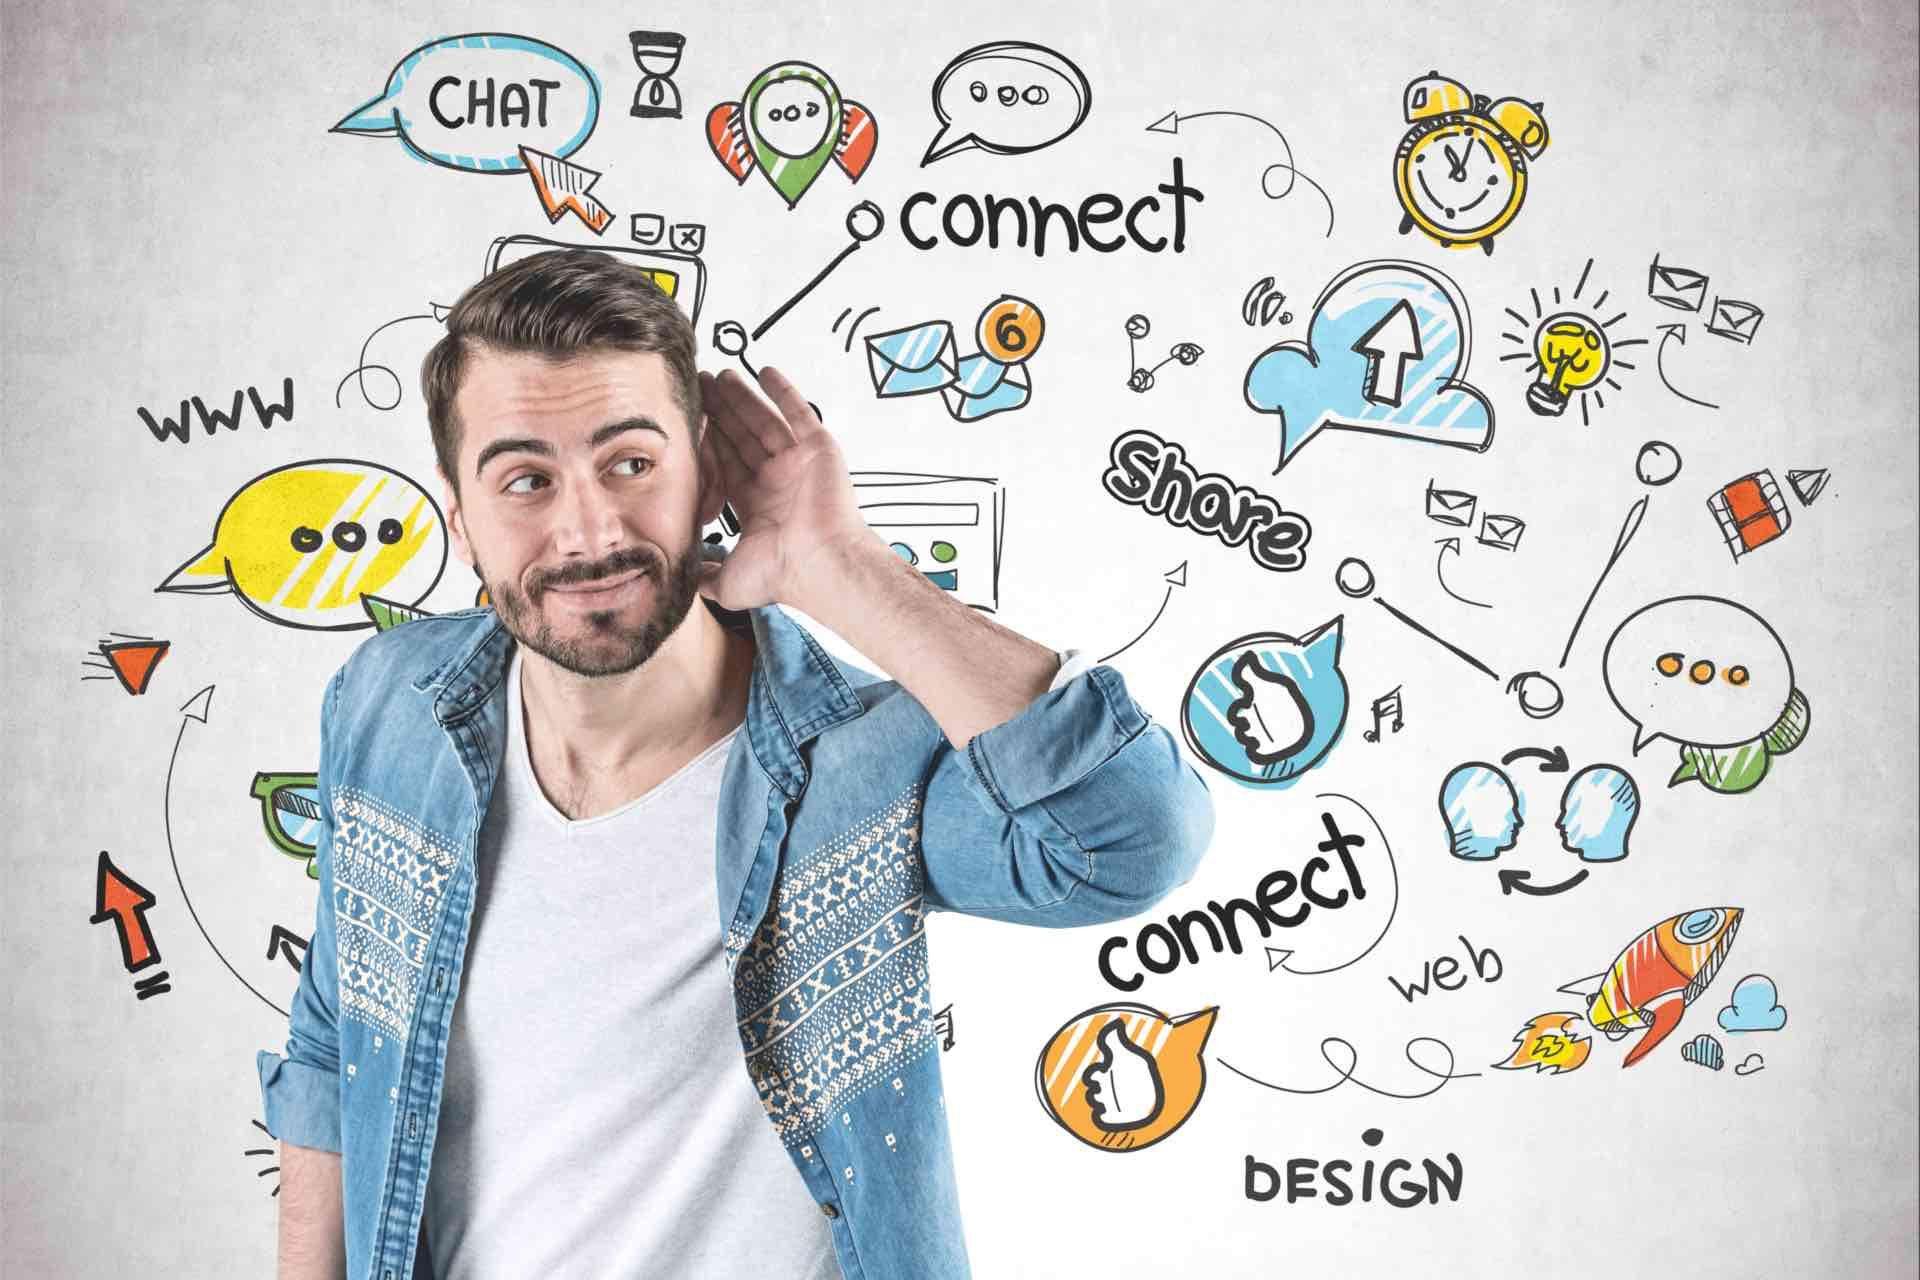 Unsere Leistung: Webdesign